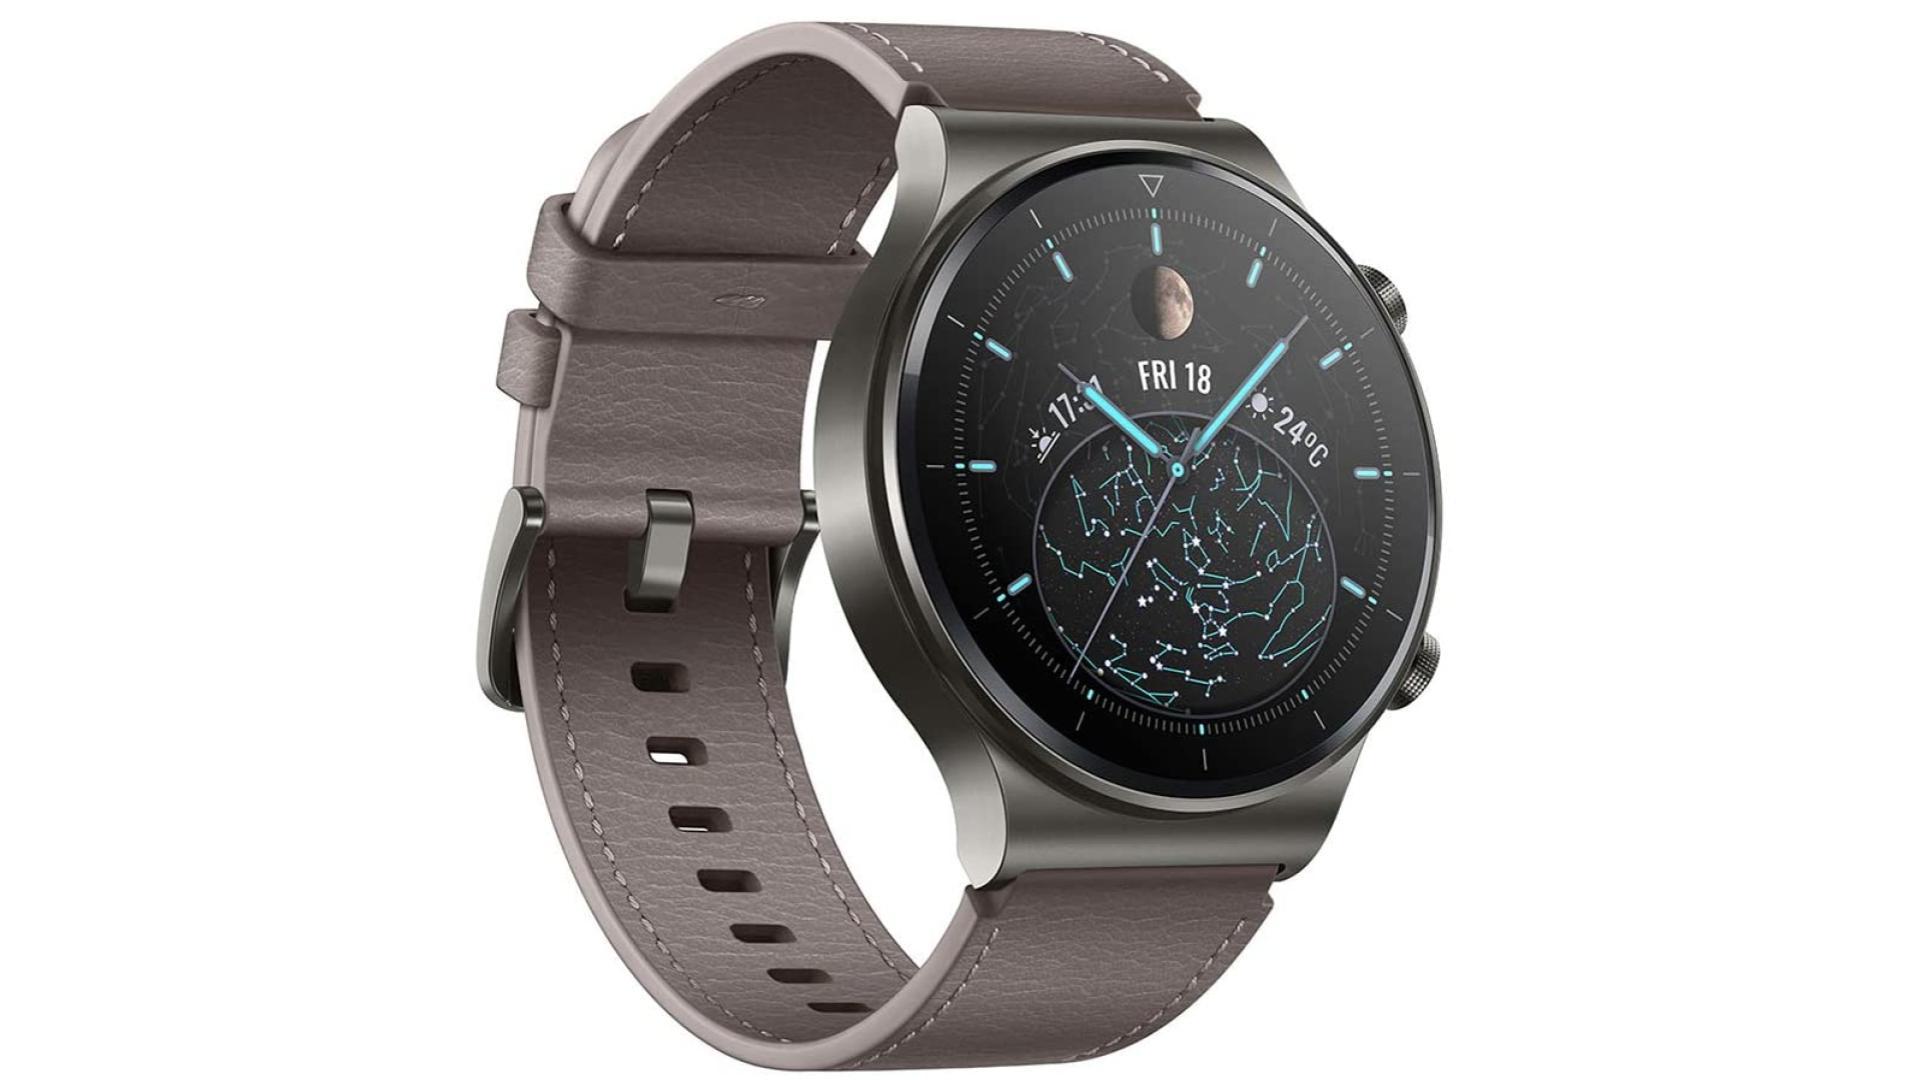 La Huawei Watch GT 2 Pro est en promotion sur Aliexpress !